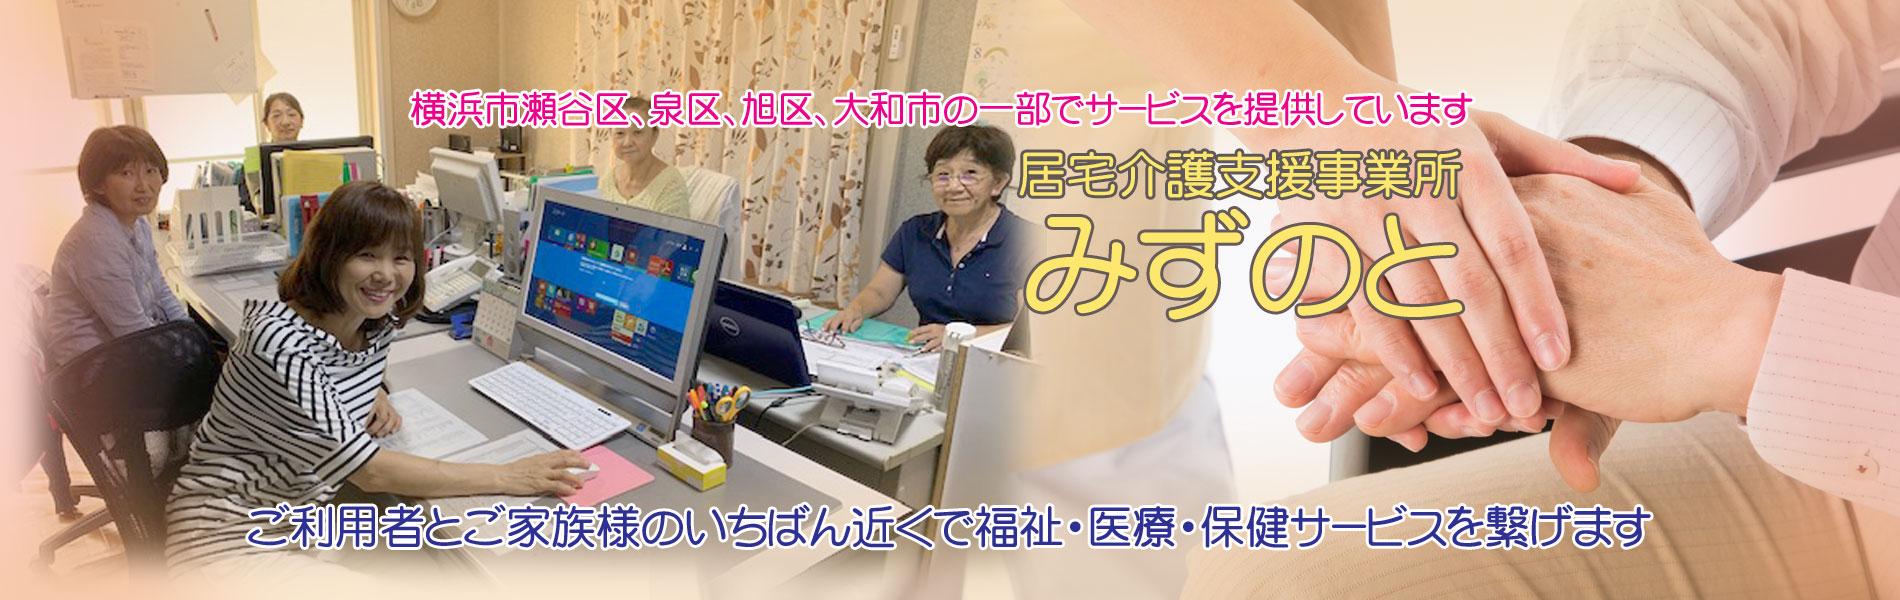 横浜市瀬谷区、泉区、旭区、大和市一部でサービスを提供しています。居宅介護支援事業所みずのとです。